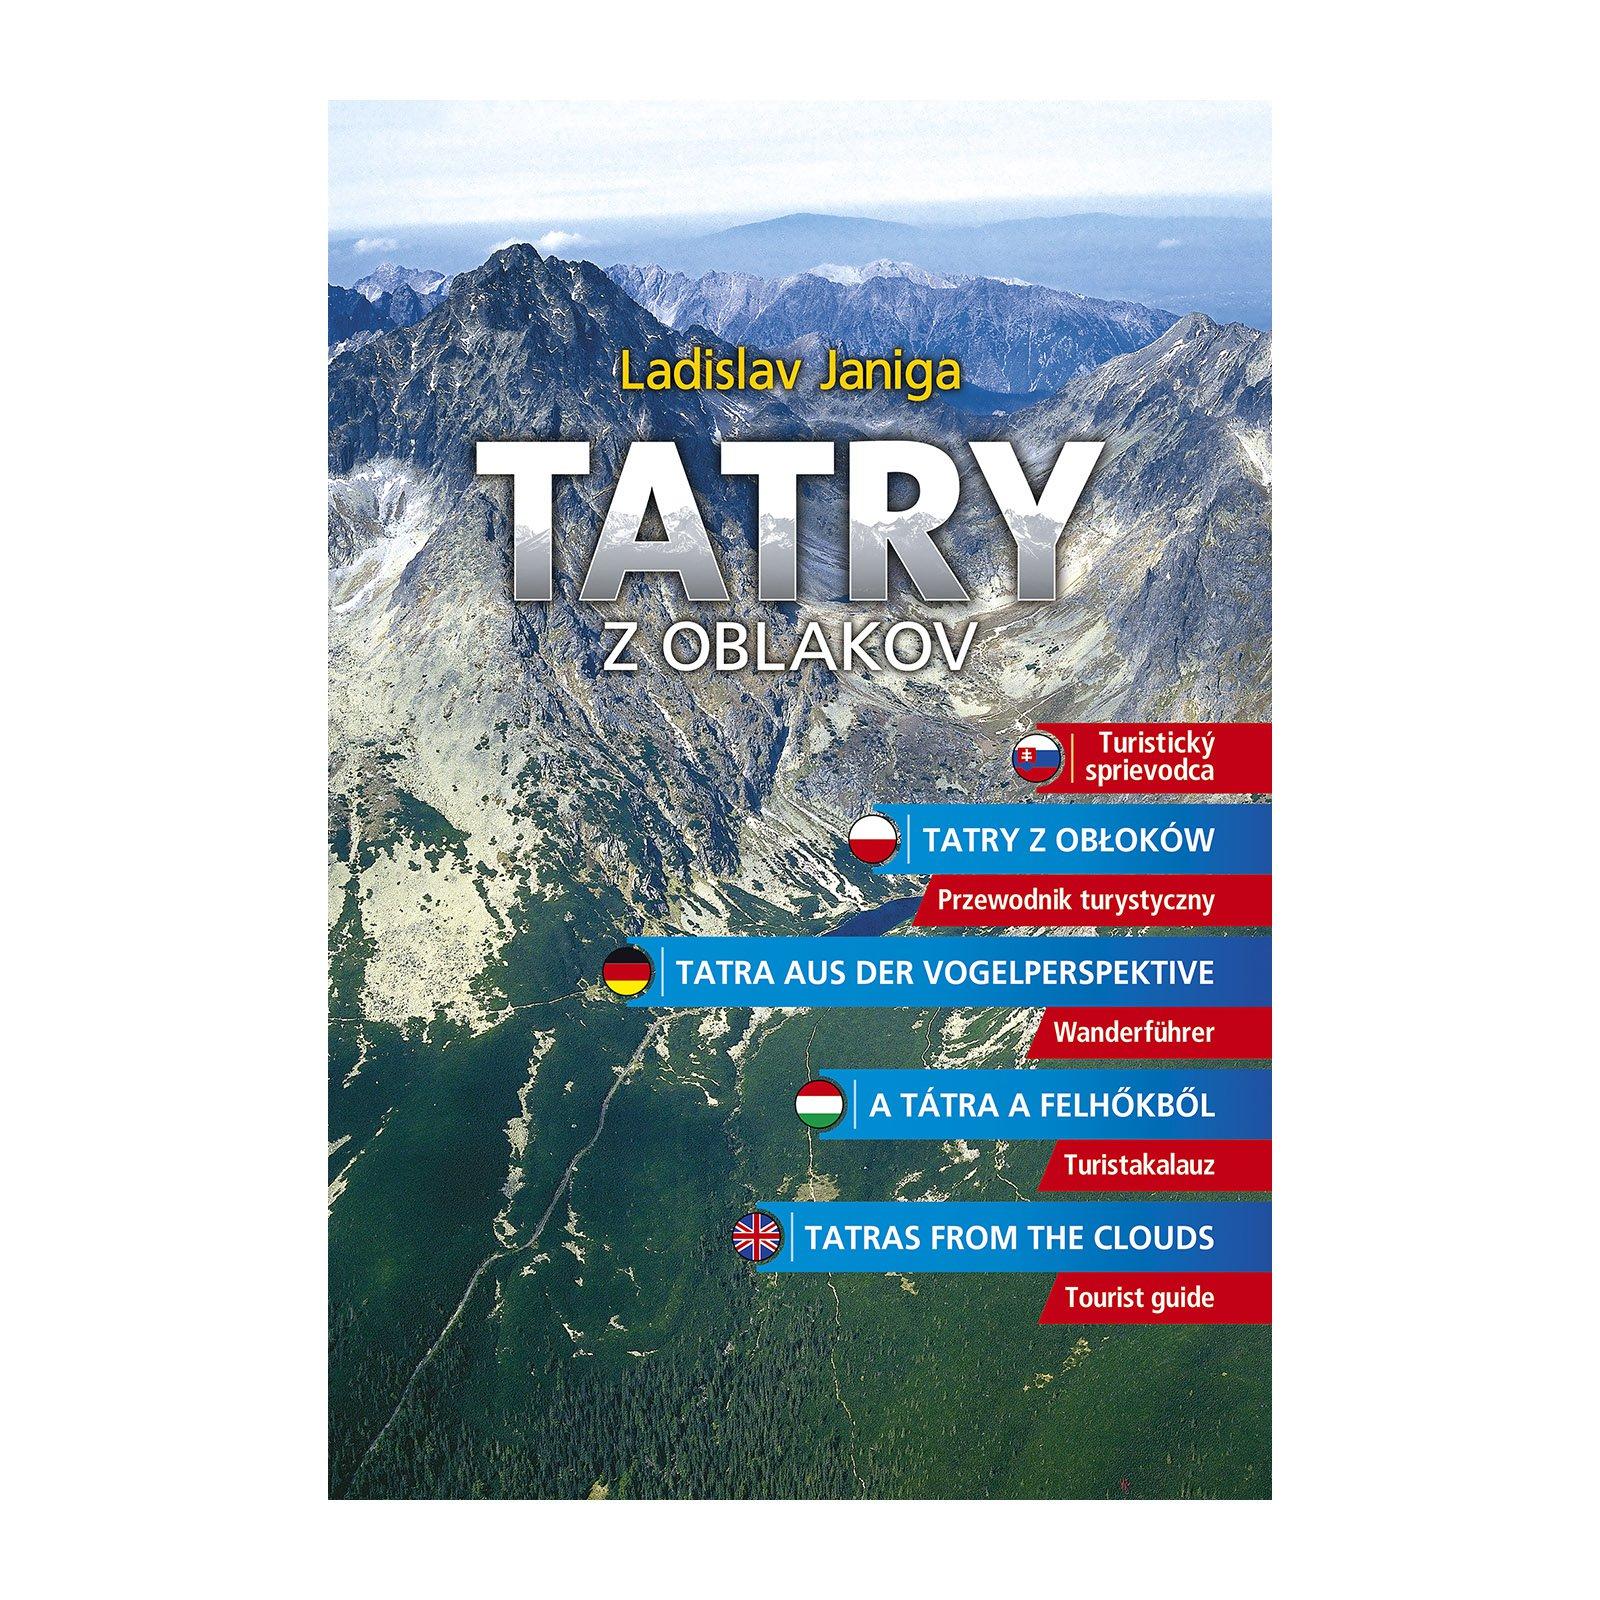 Tatras from the Clouds (Tatry z oblakov)